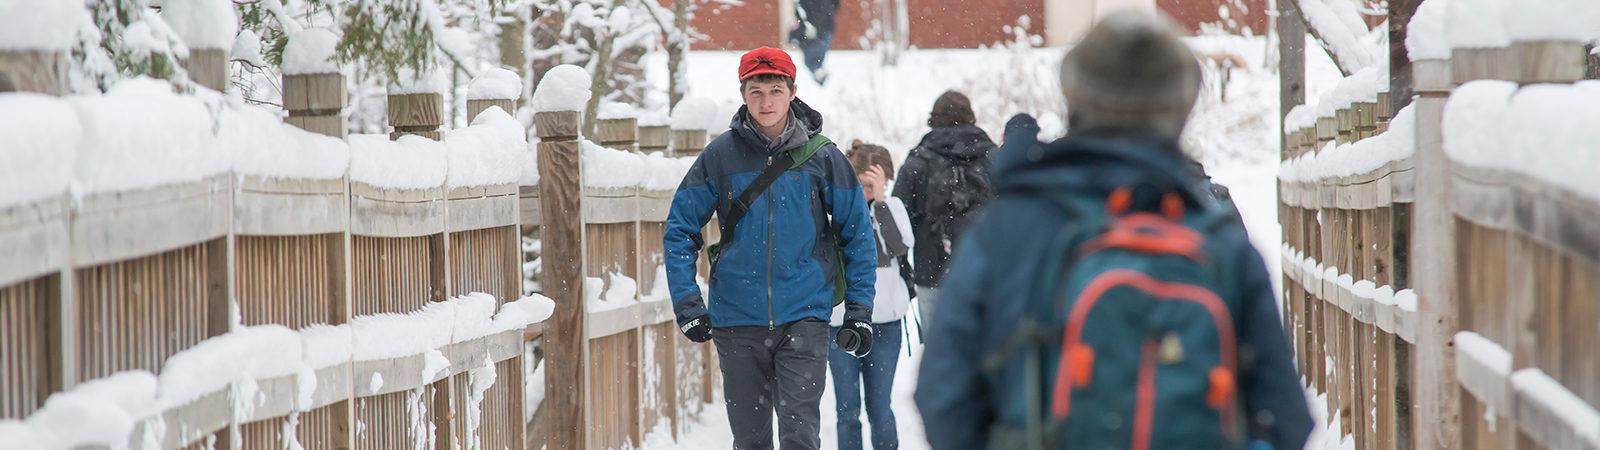 Students walking on bridge in winter.